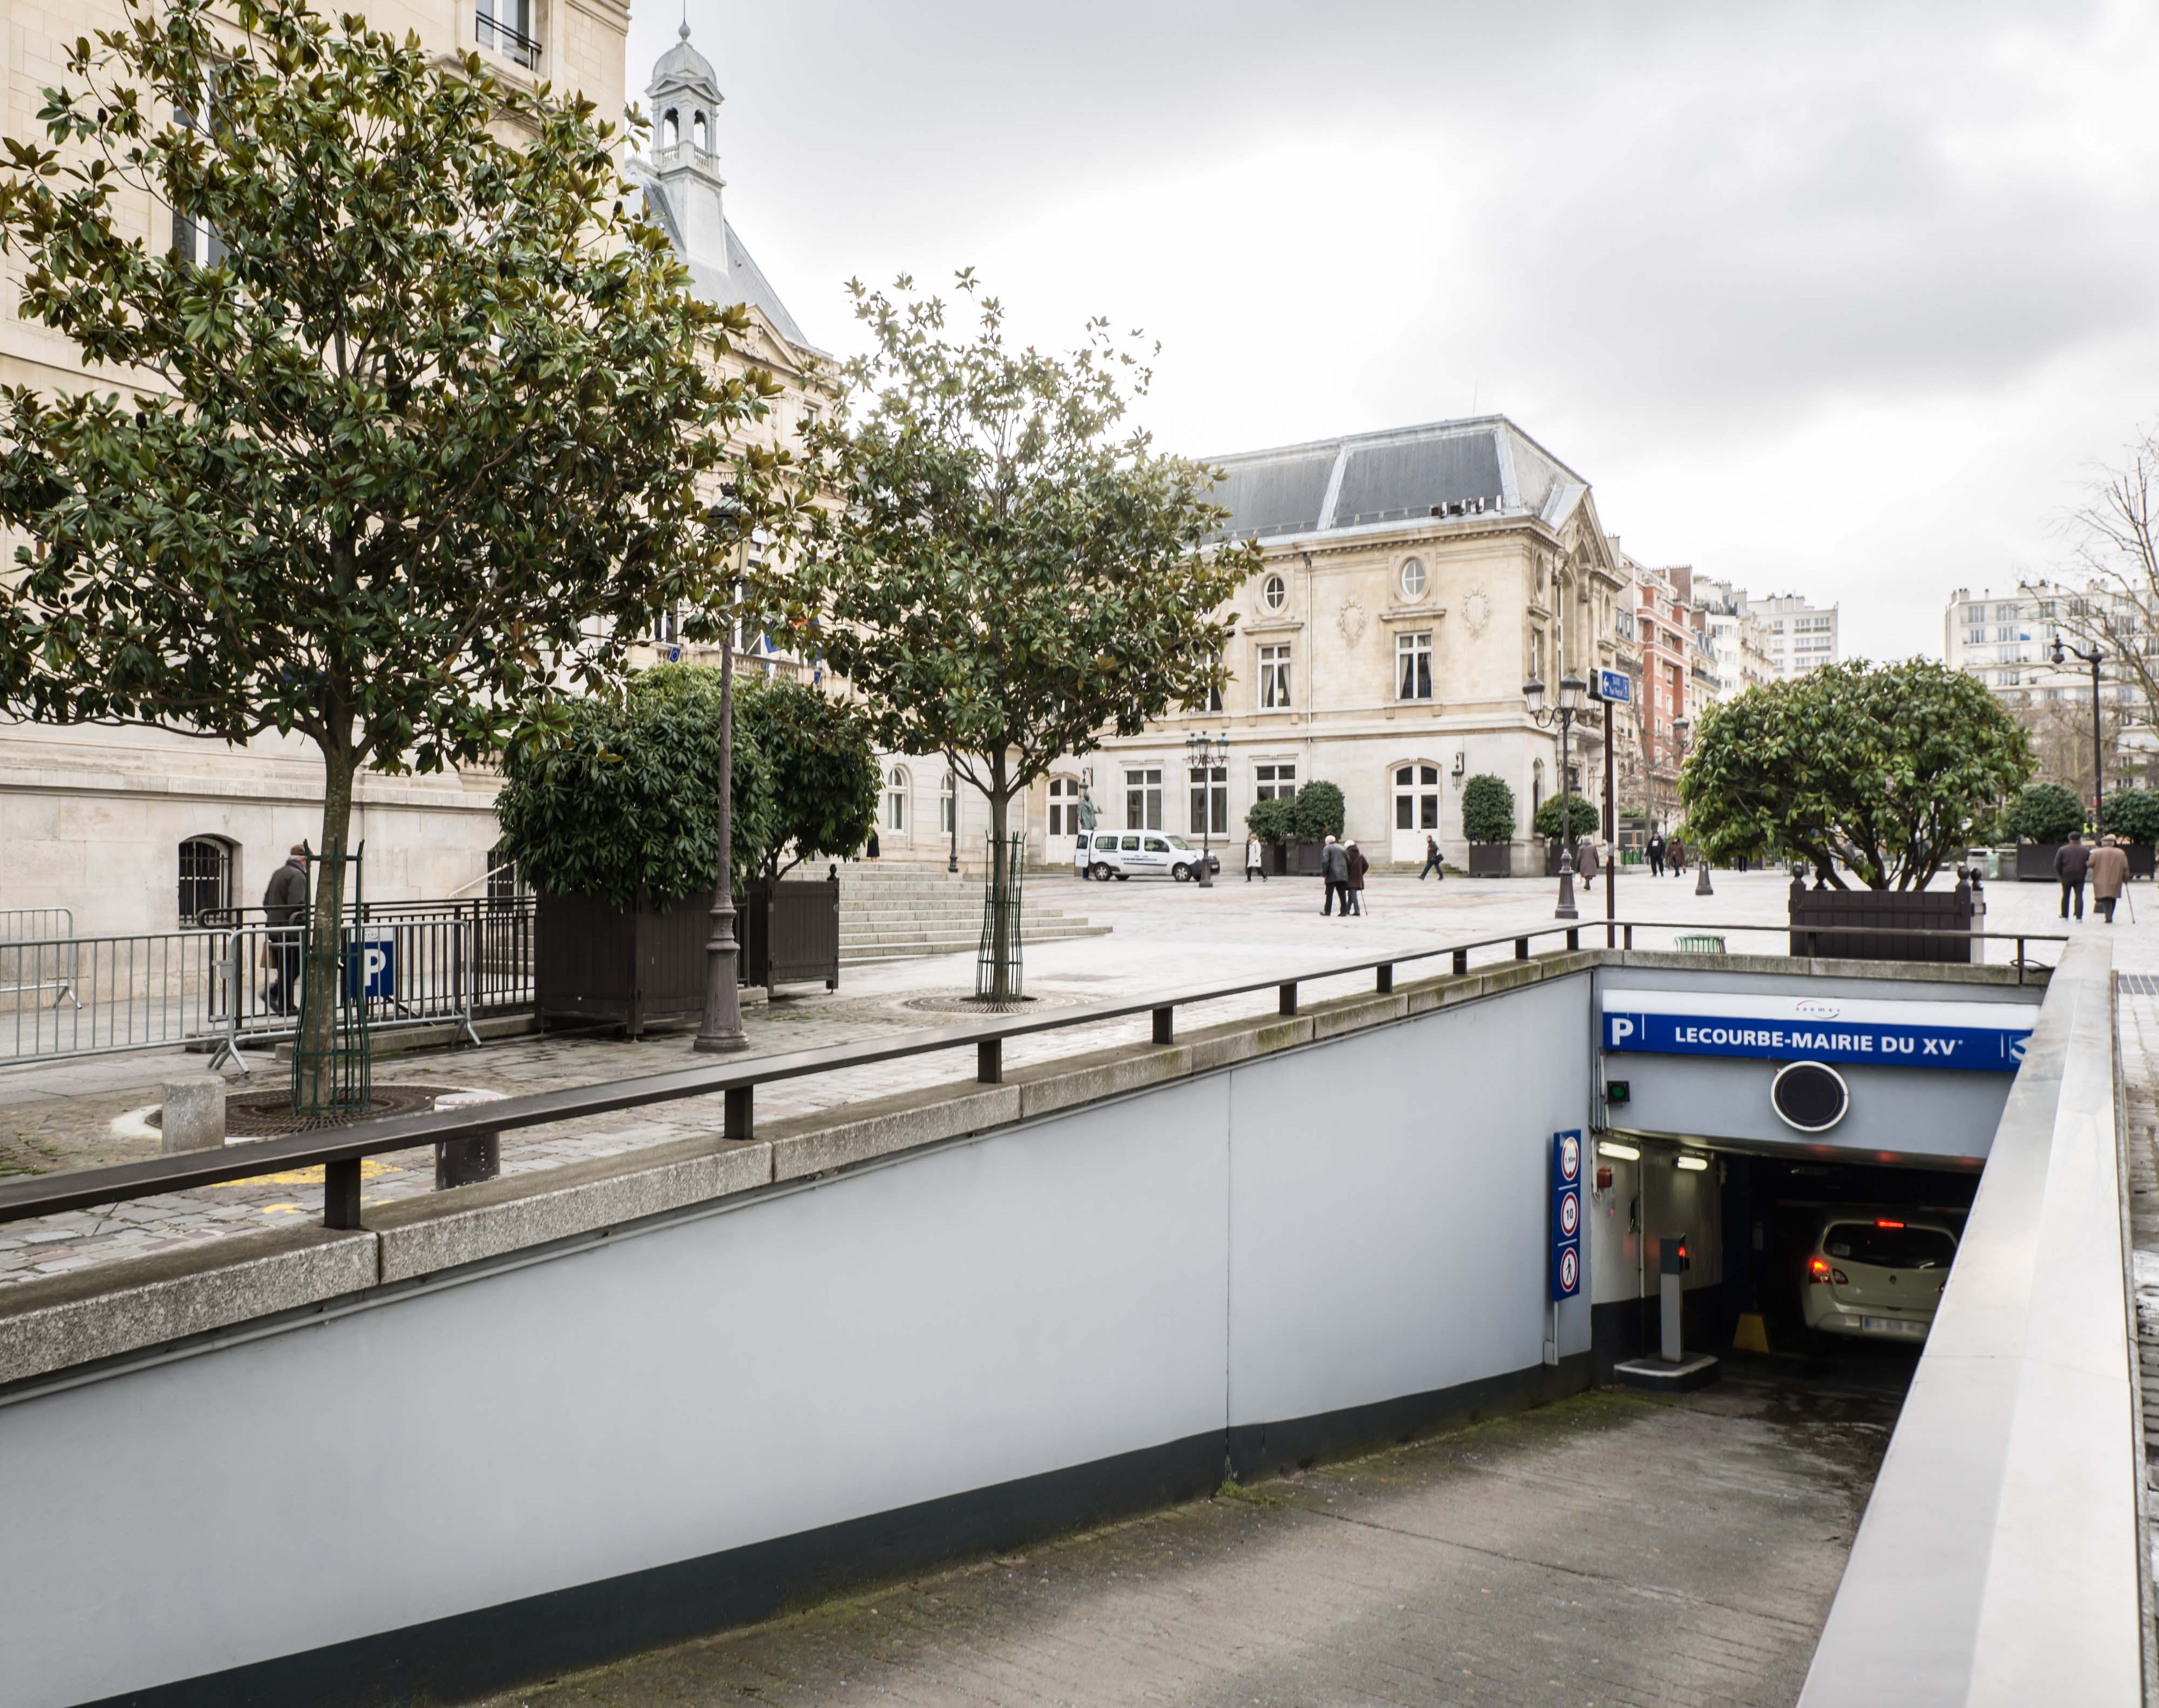 Parking Saemes Mairie du 15ème - Lecourbe - Parking - Paris